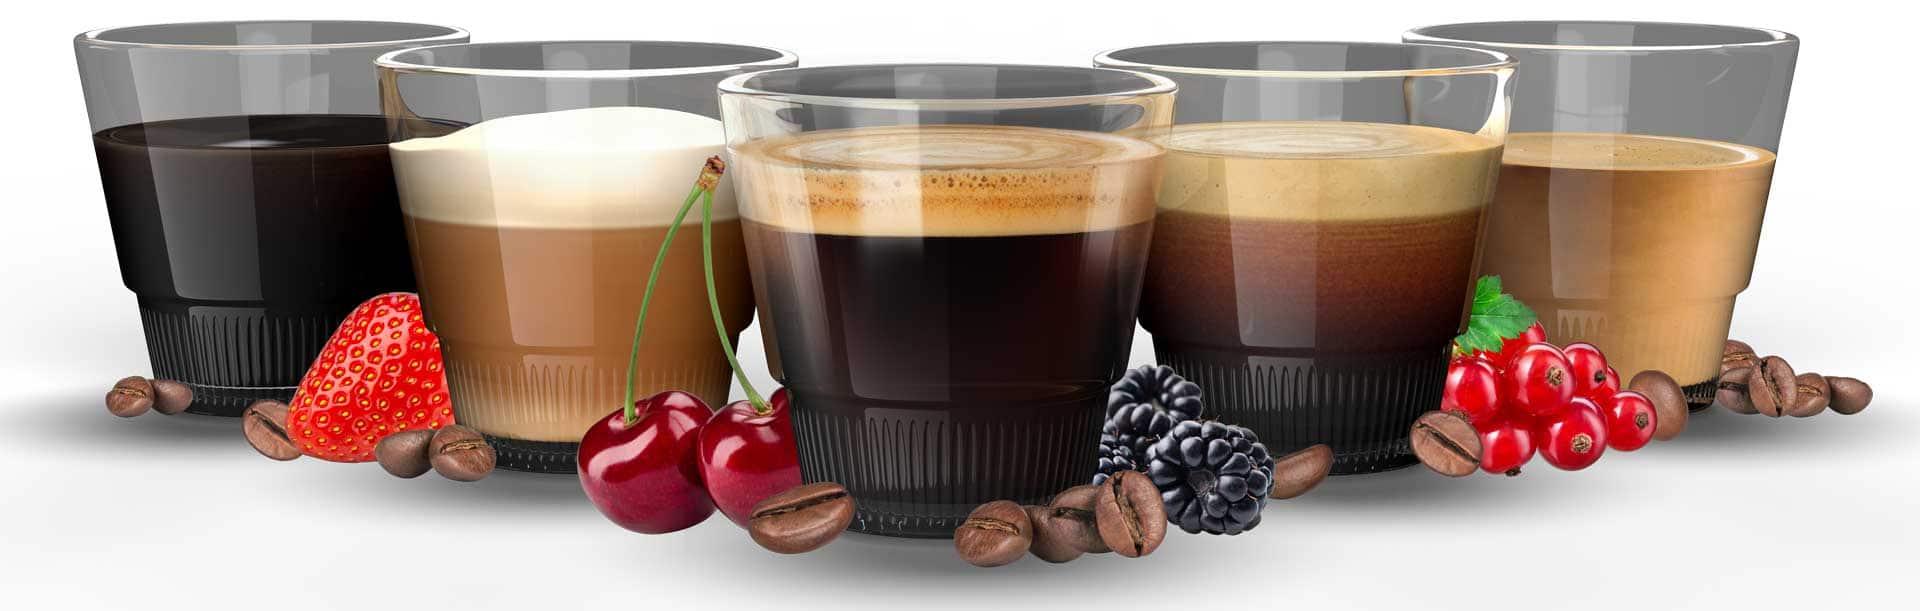 Frischen Kaffee und Kaffeebohnen online kaufen